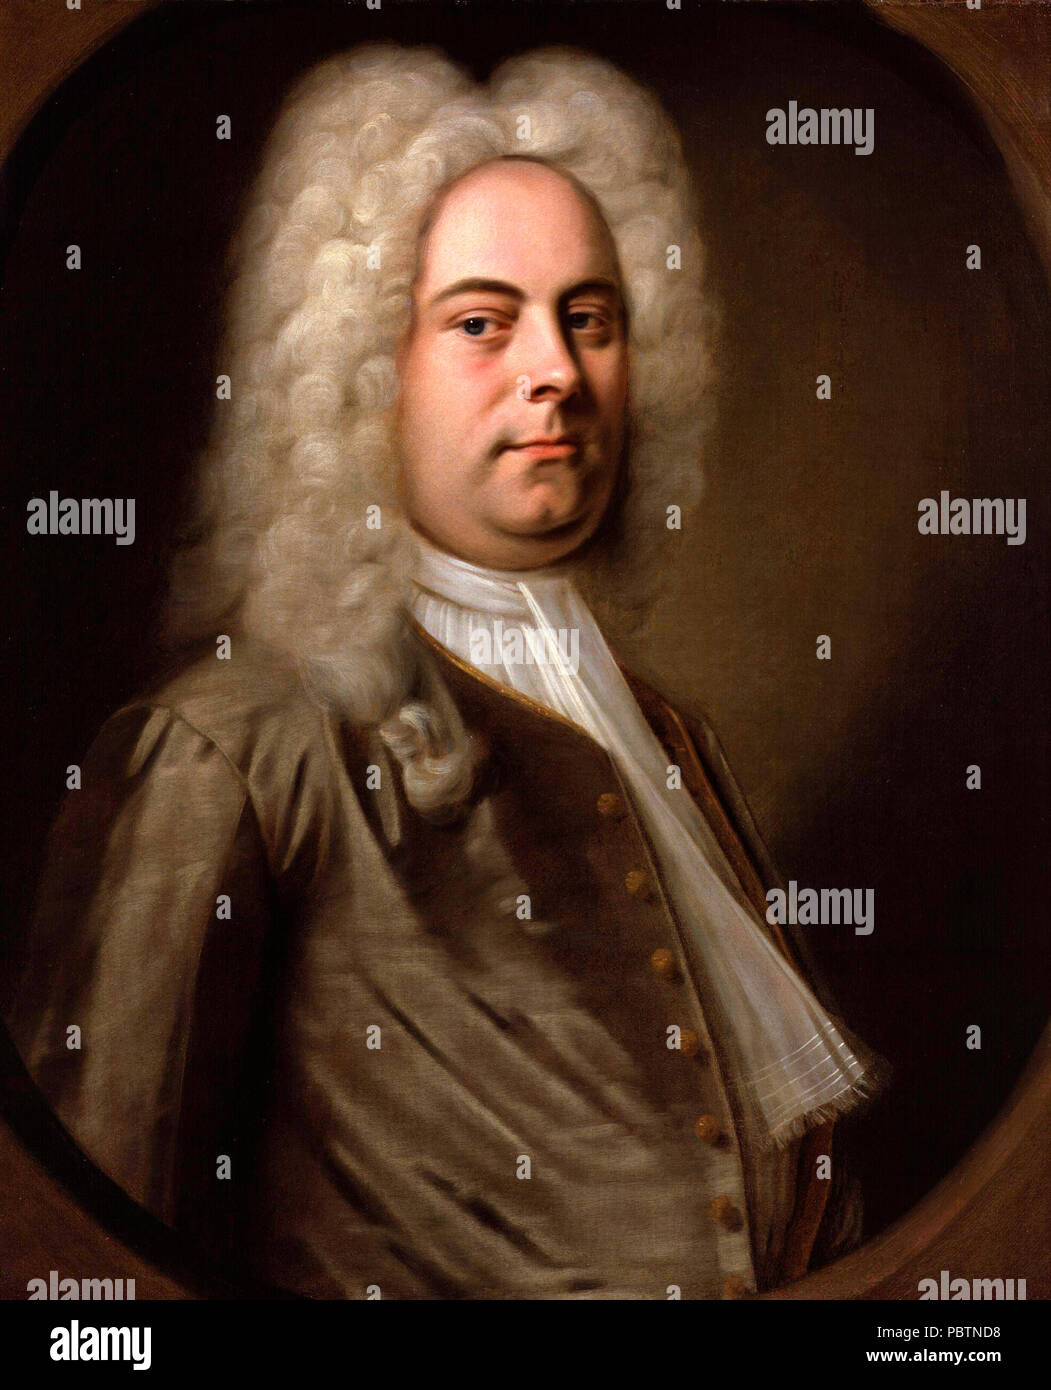 Porträt von Georg Friedrich Händel, Balthasar Denner, ca. 1726 Stockbild